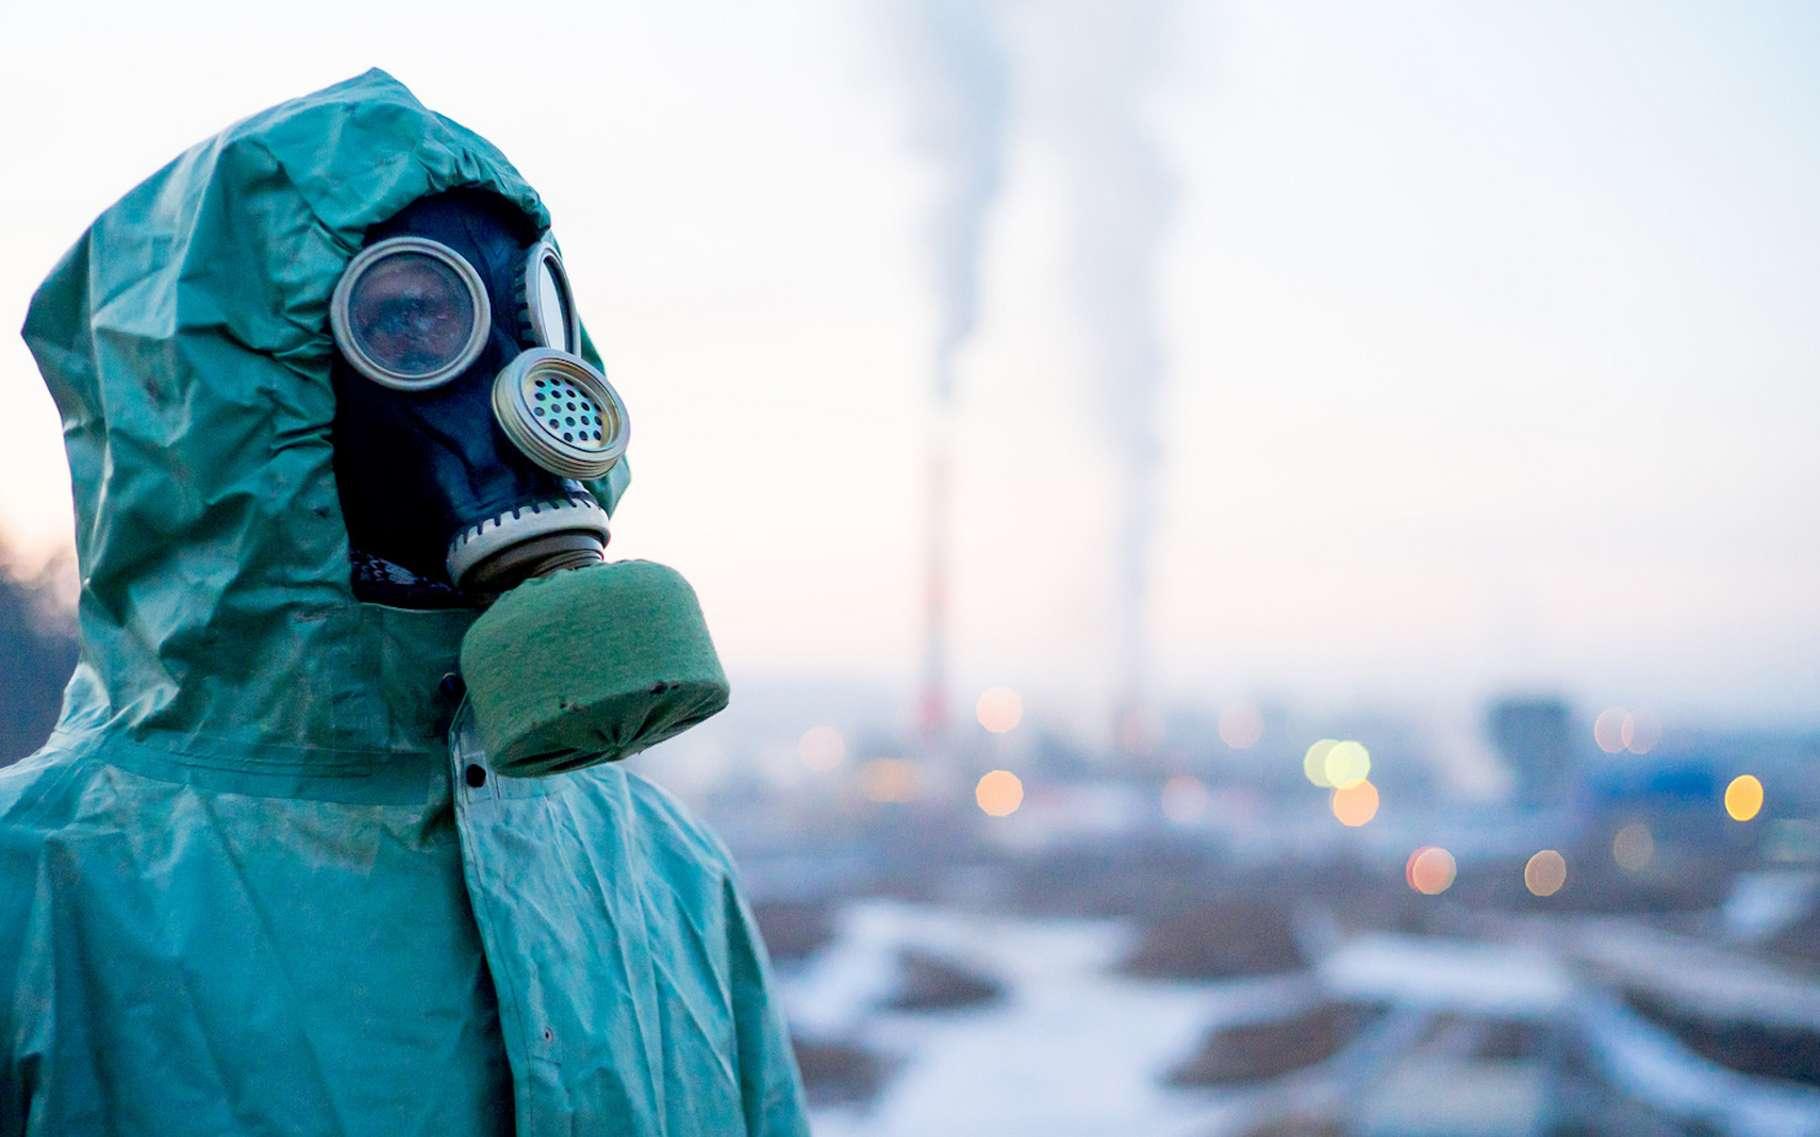 En cas d'alerte risque industriel, quelques consignes de base sont à respecter. © Nichizhenova Elena, Fotolia